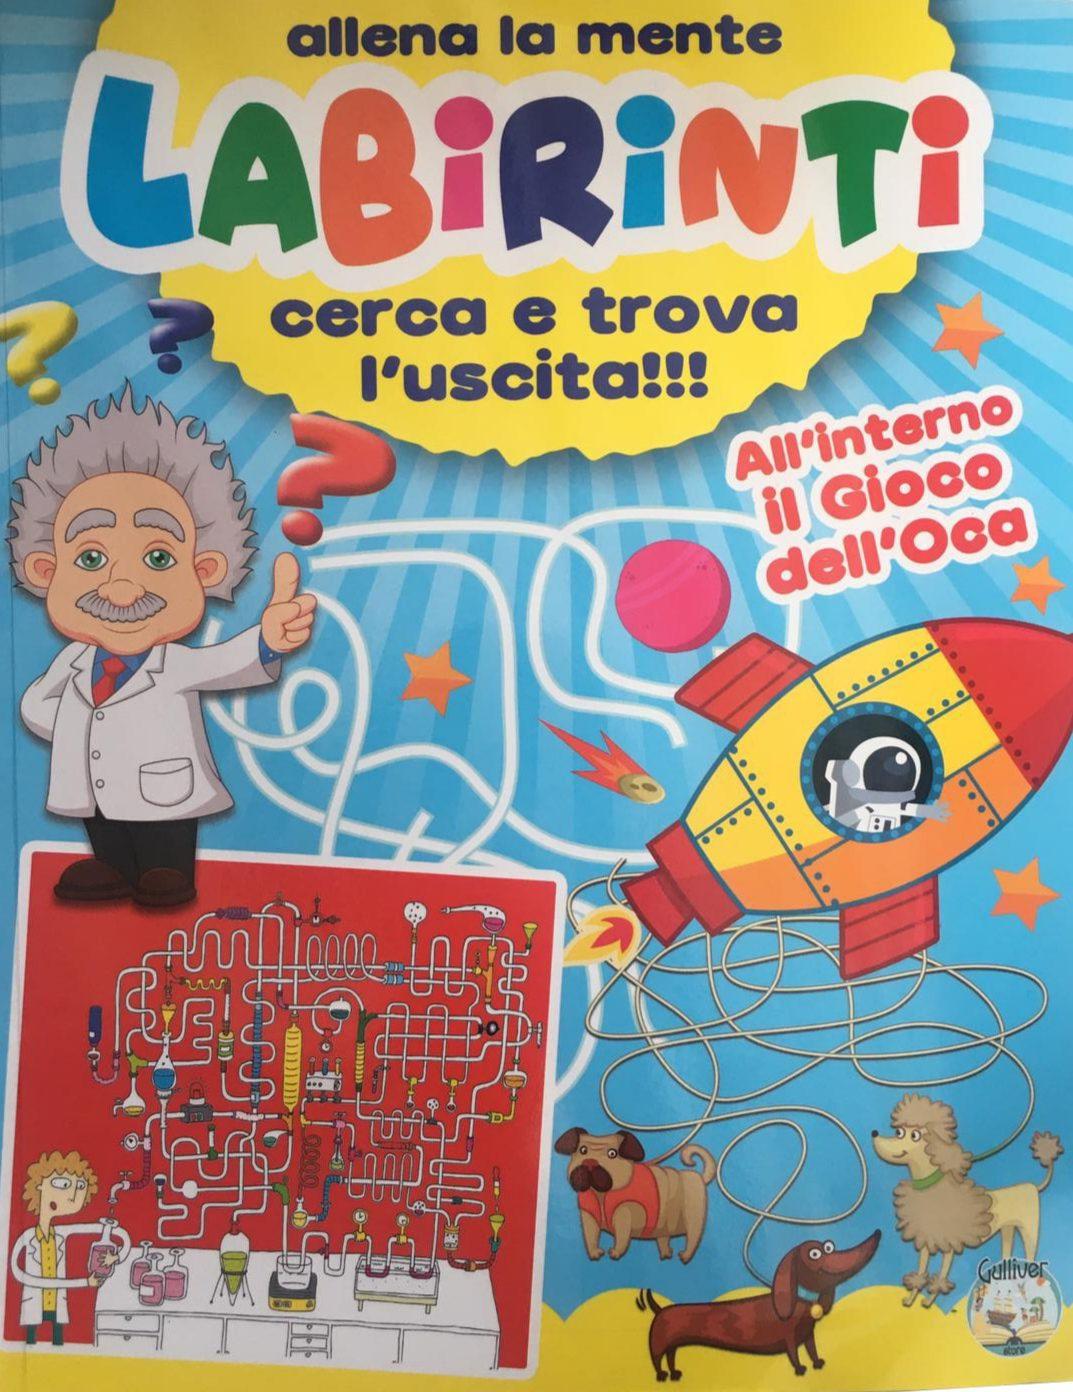 Labirinti per bambini